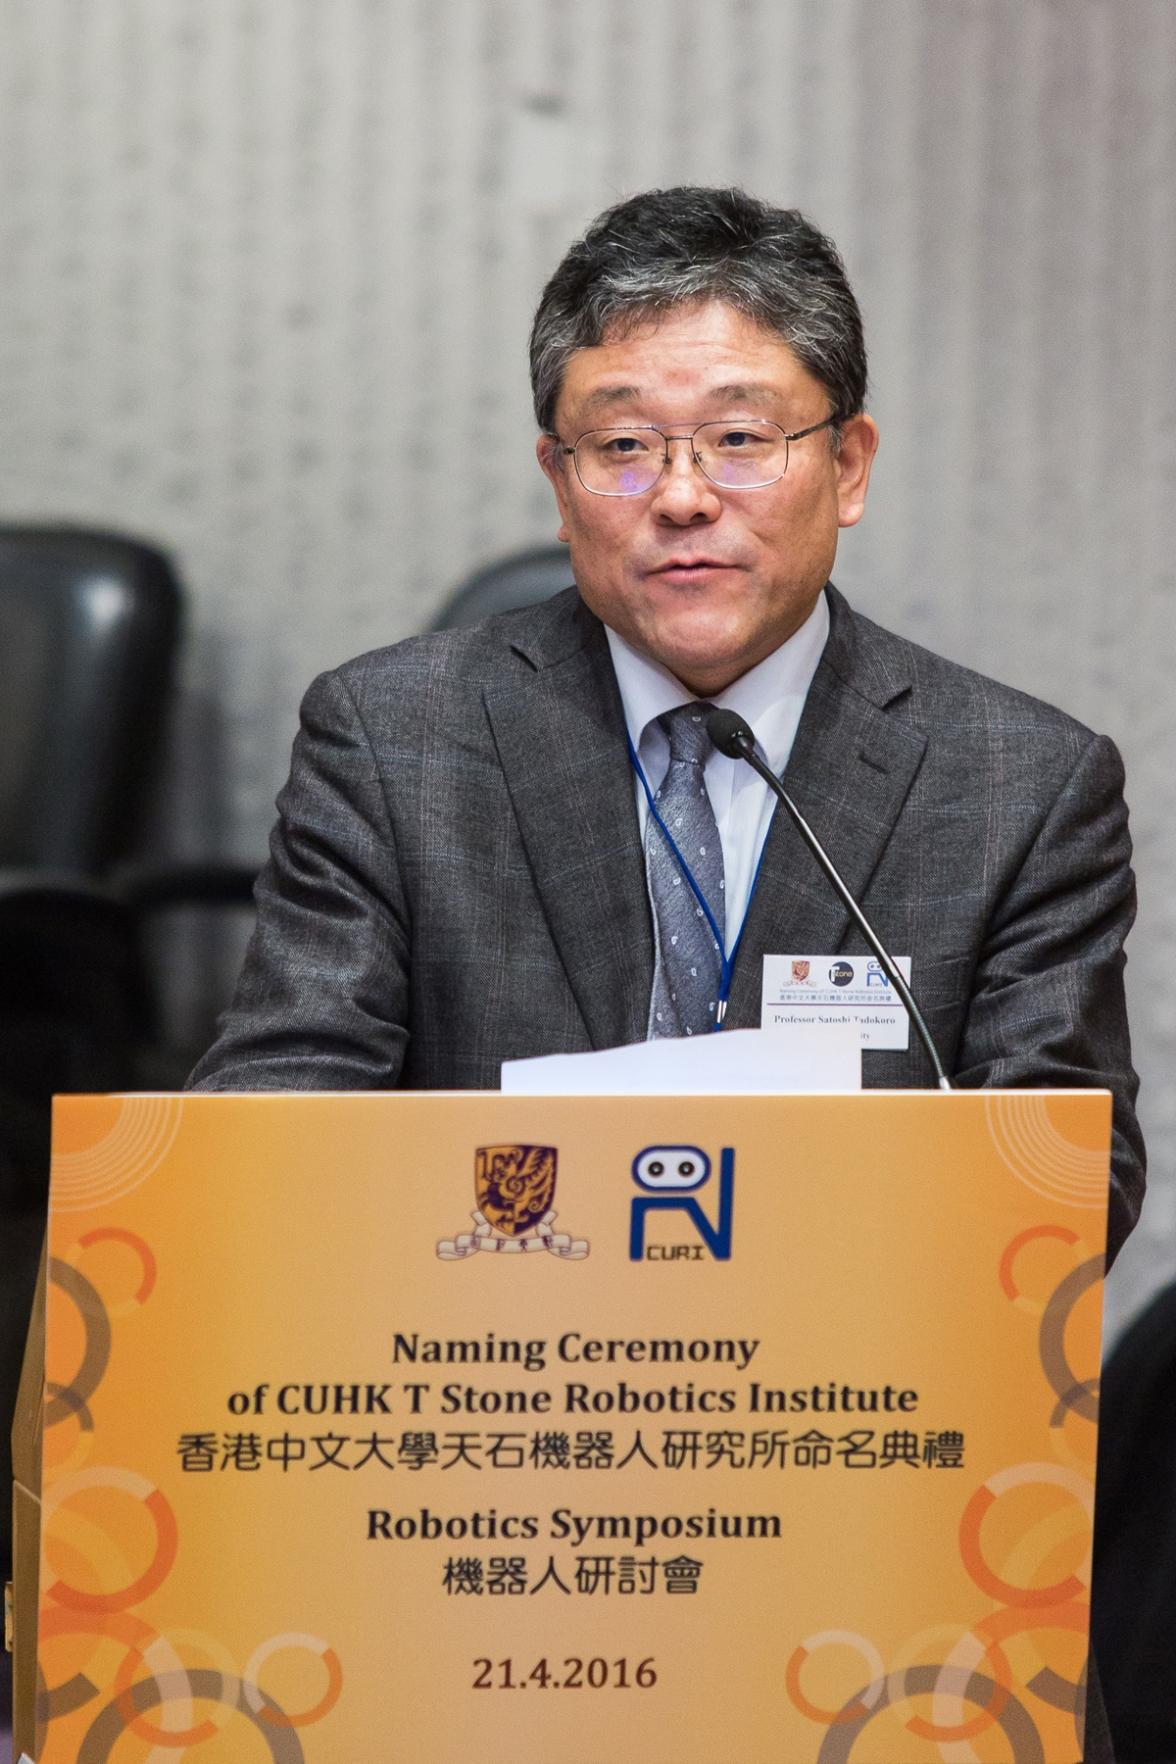 IEEE國際機器人與自動化協會主席田所諭教授在典禮上致賀辭。